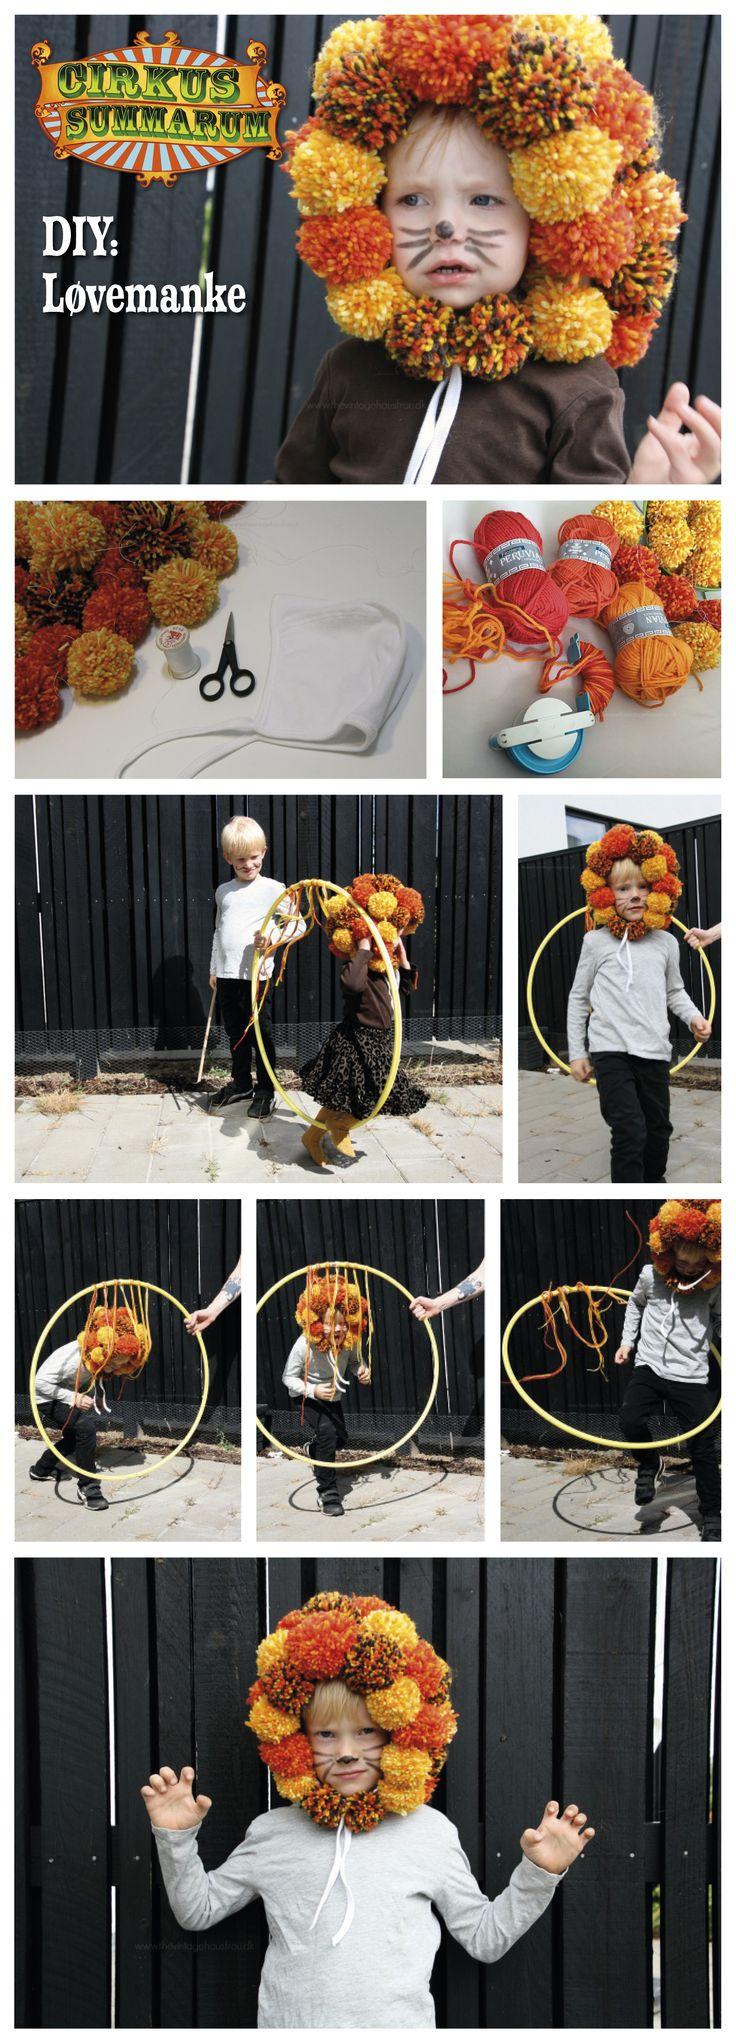 DIY din egen løvemanke. Læs mere på www.cirkussummarum.dk DIY'en er lavet af dygtige @vintagehausfrau